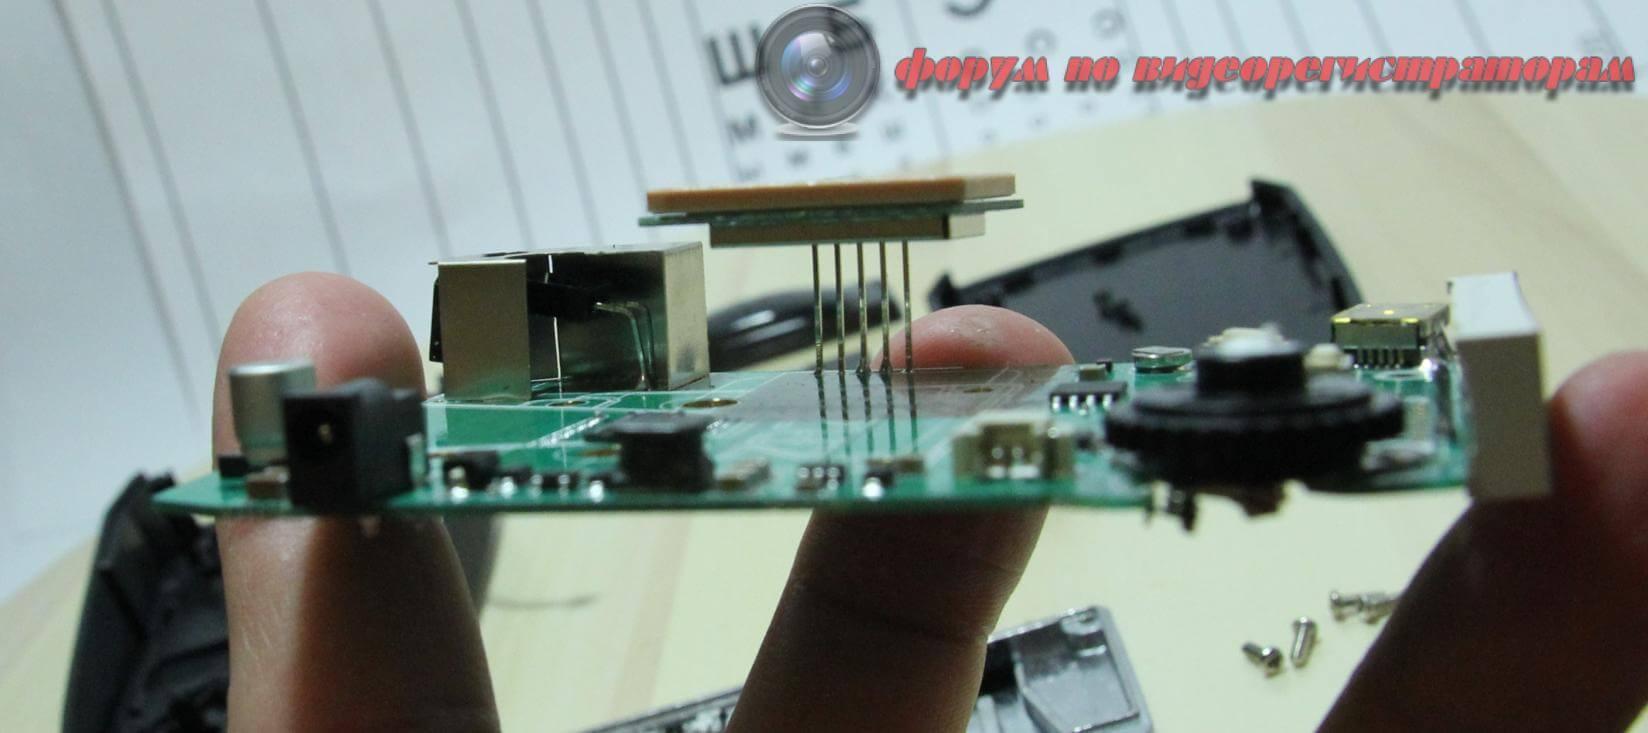 Радар детекторPrestigeRD GPS,ядоступенвсем.